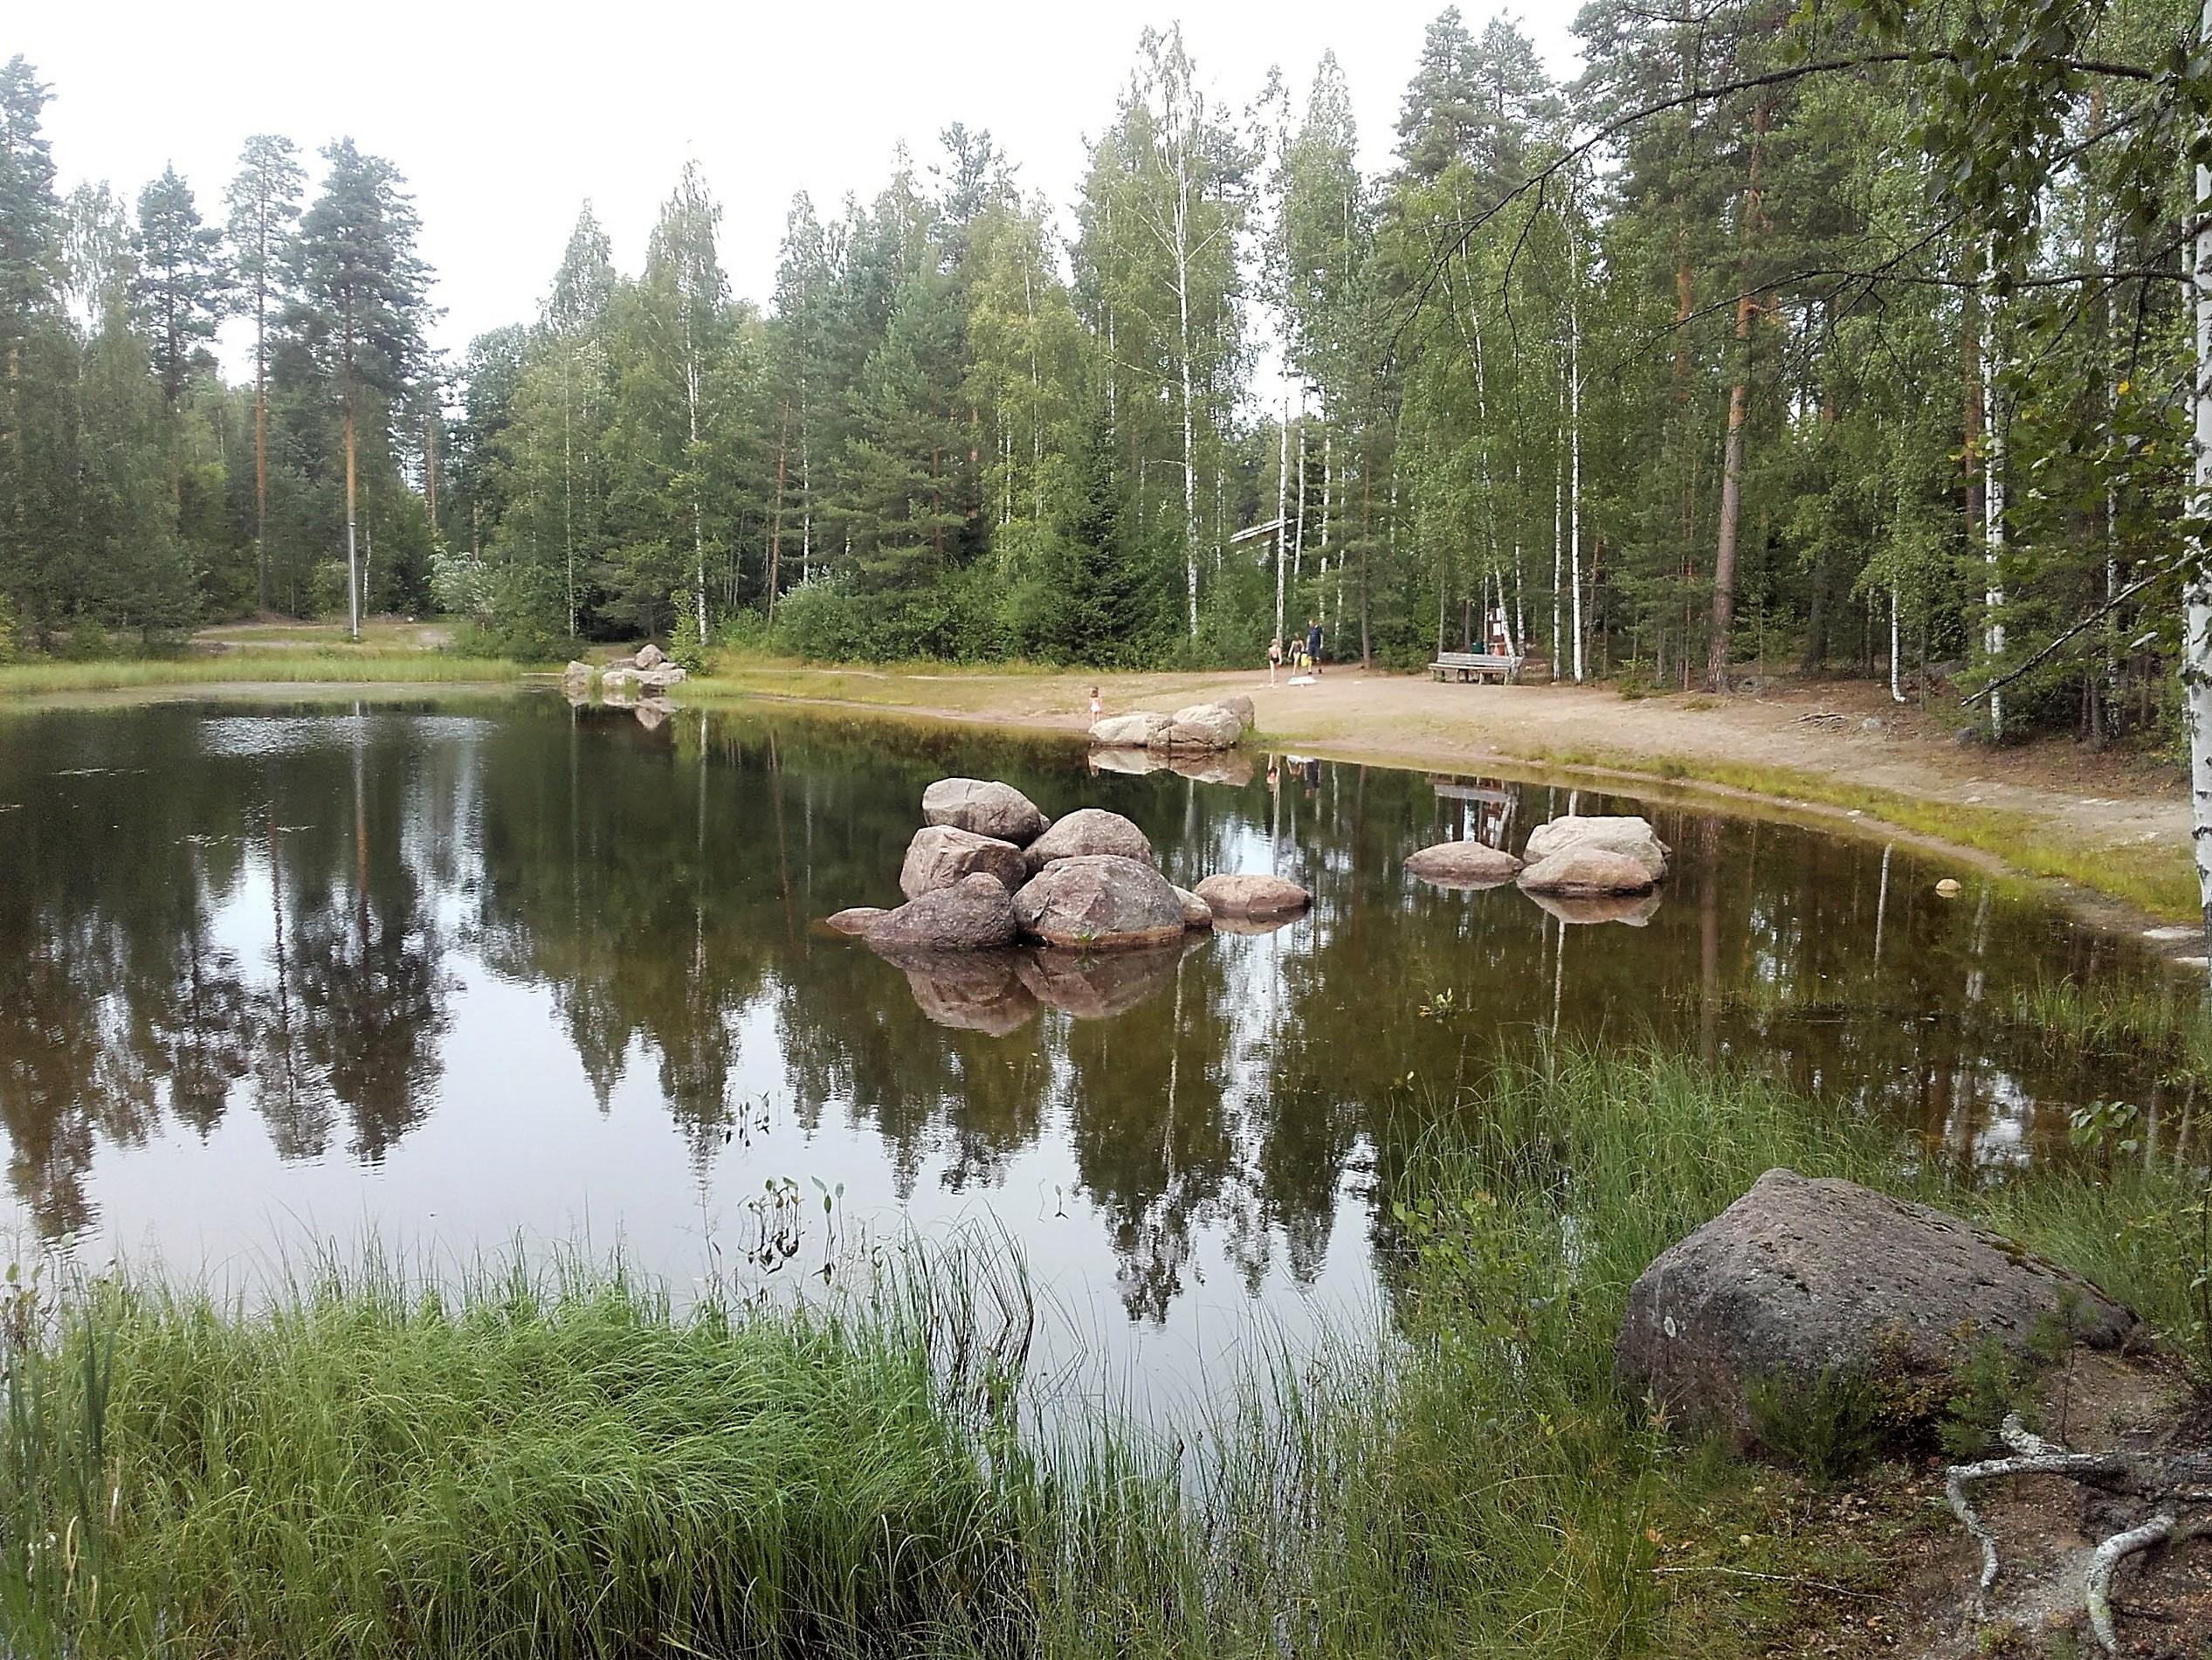 Metsän ympäröimä lampi. Lammessa ja sen rannalla isoja kiviä.